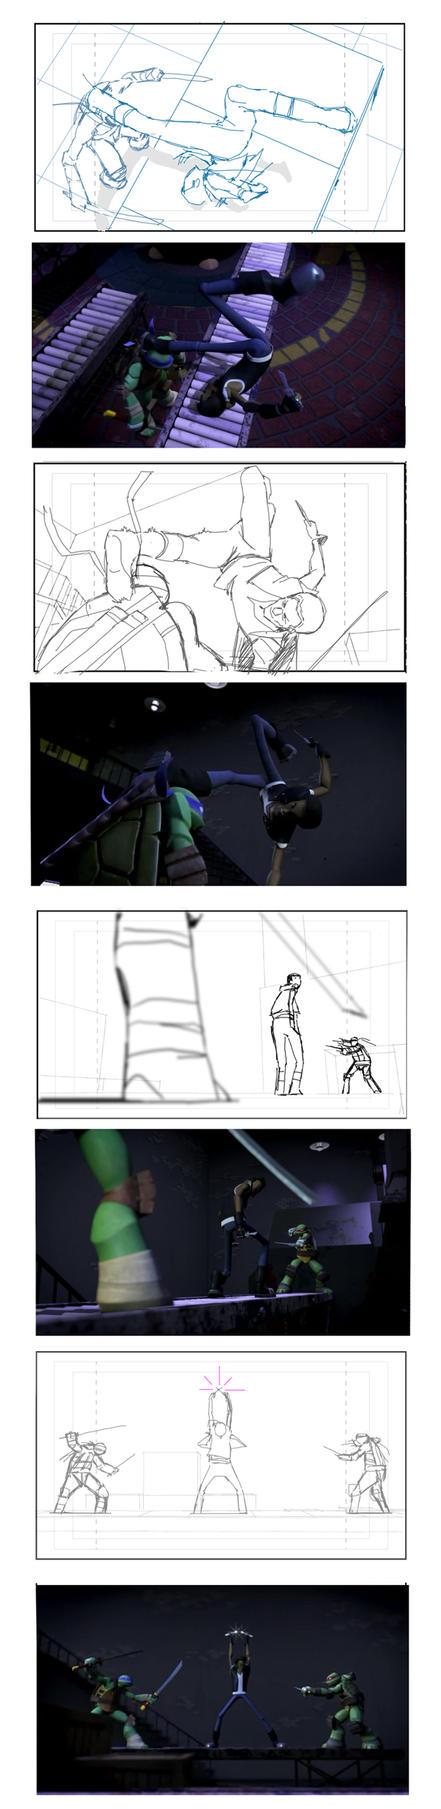 TMNT Season 1 Storyboards by Konjur